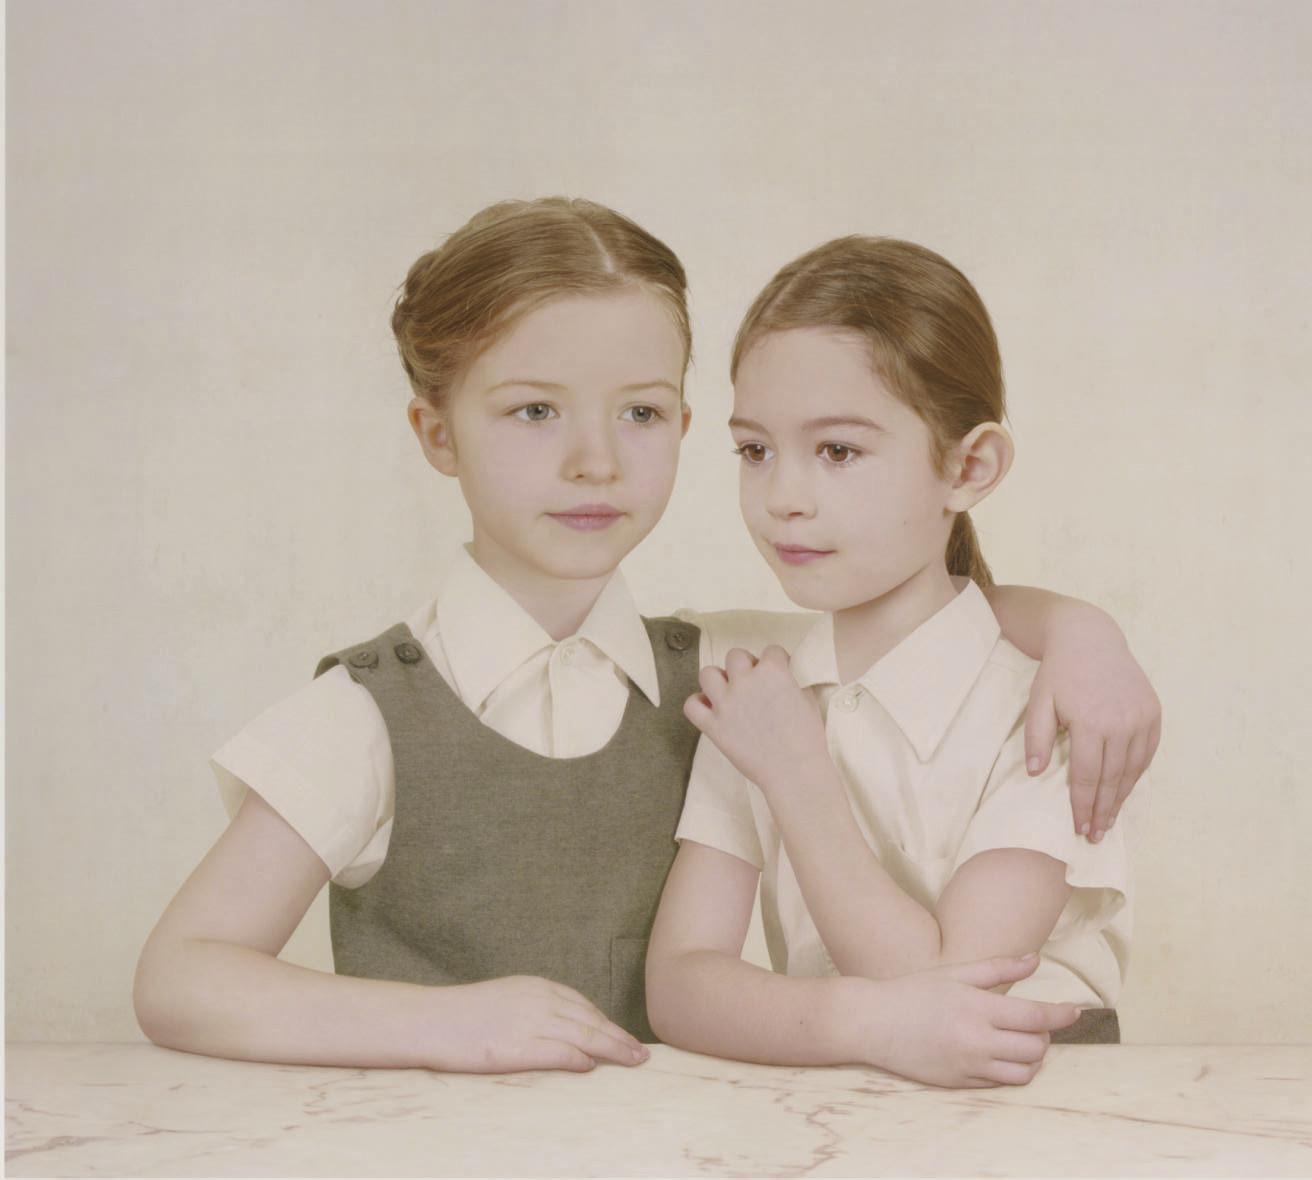 The Irish Girls, 2005